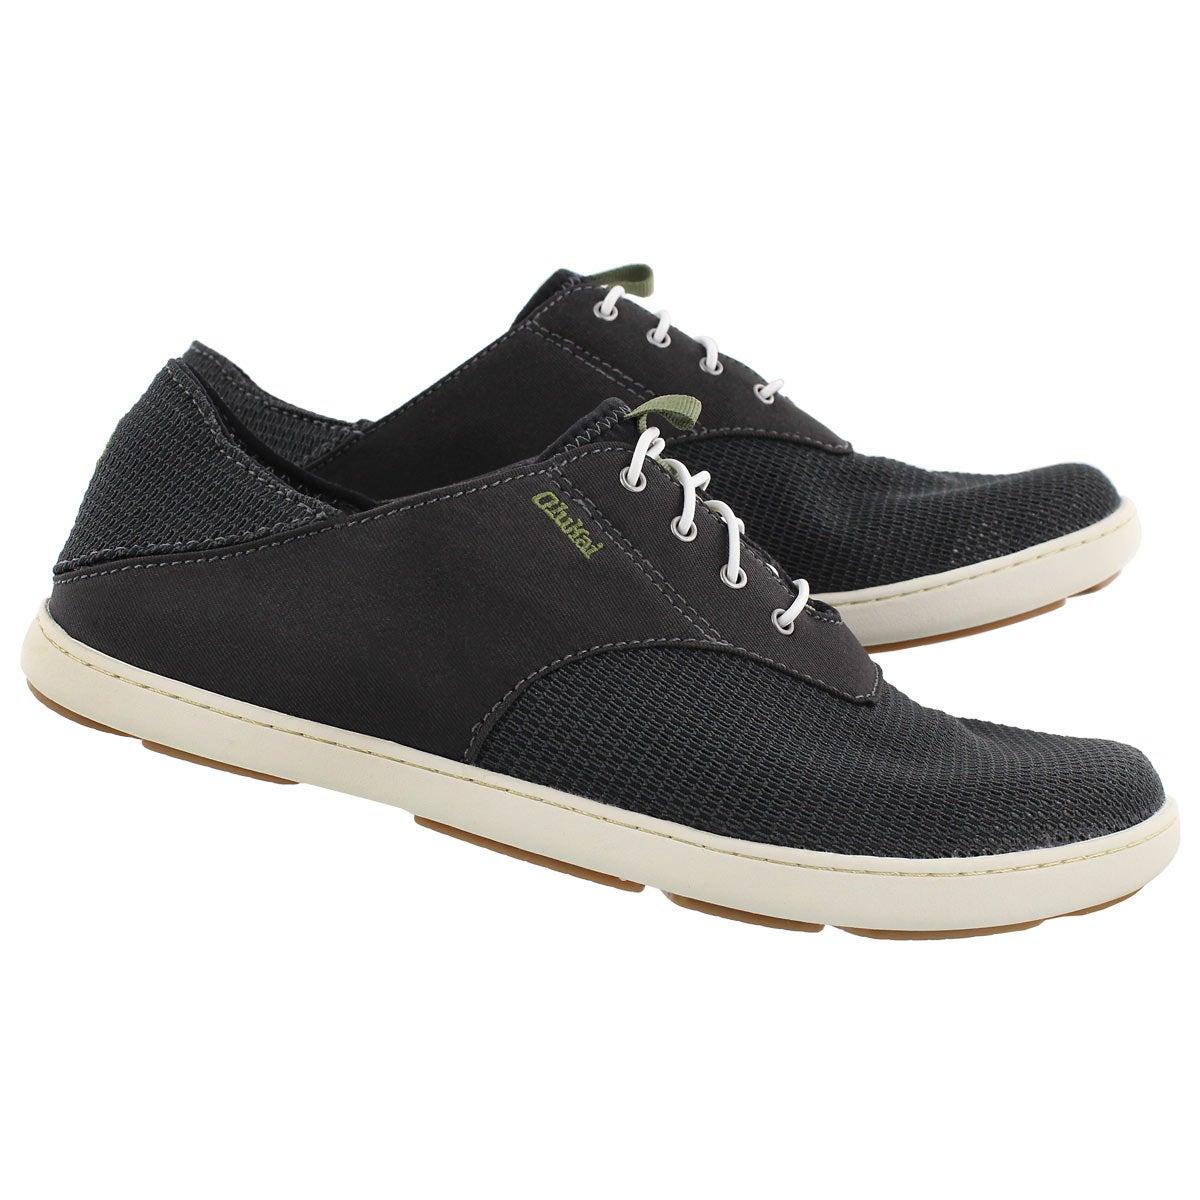 Mns Nohea Moku black/black sneaker